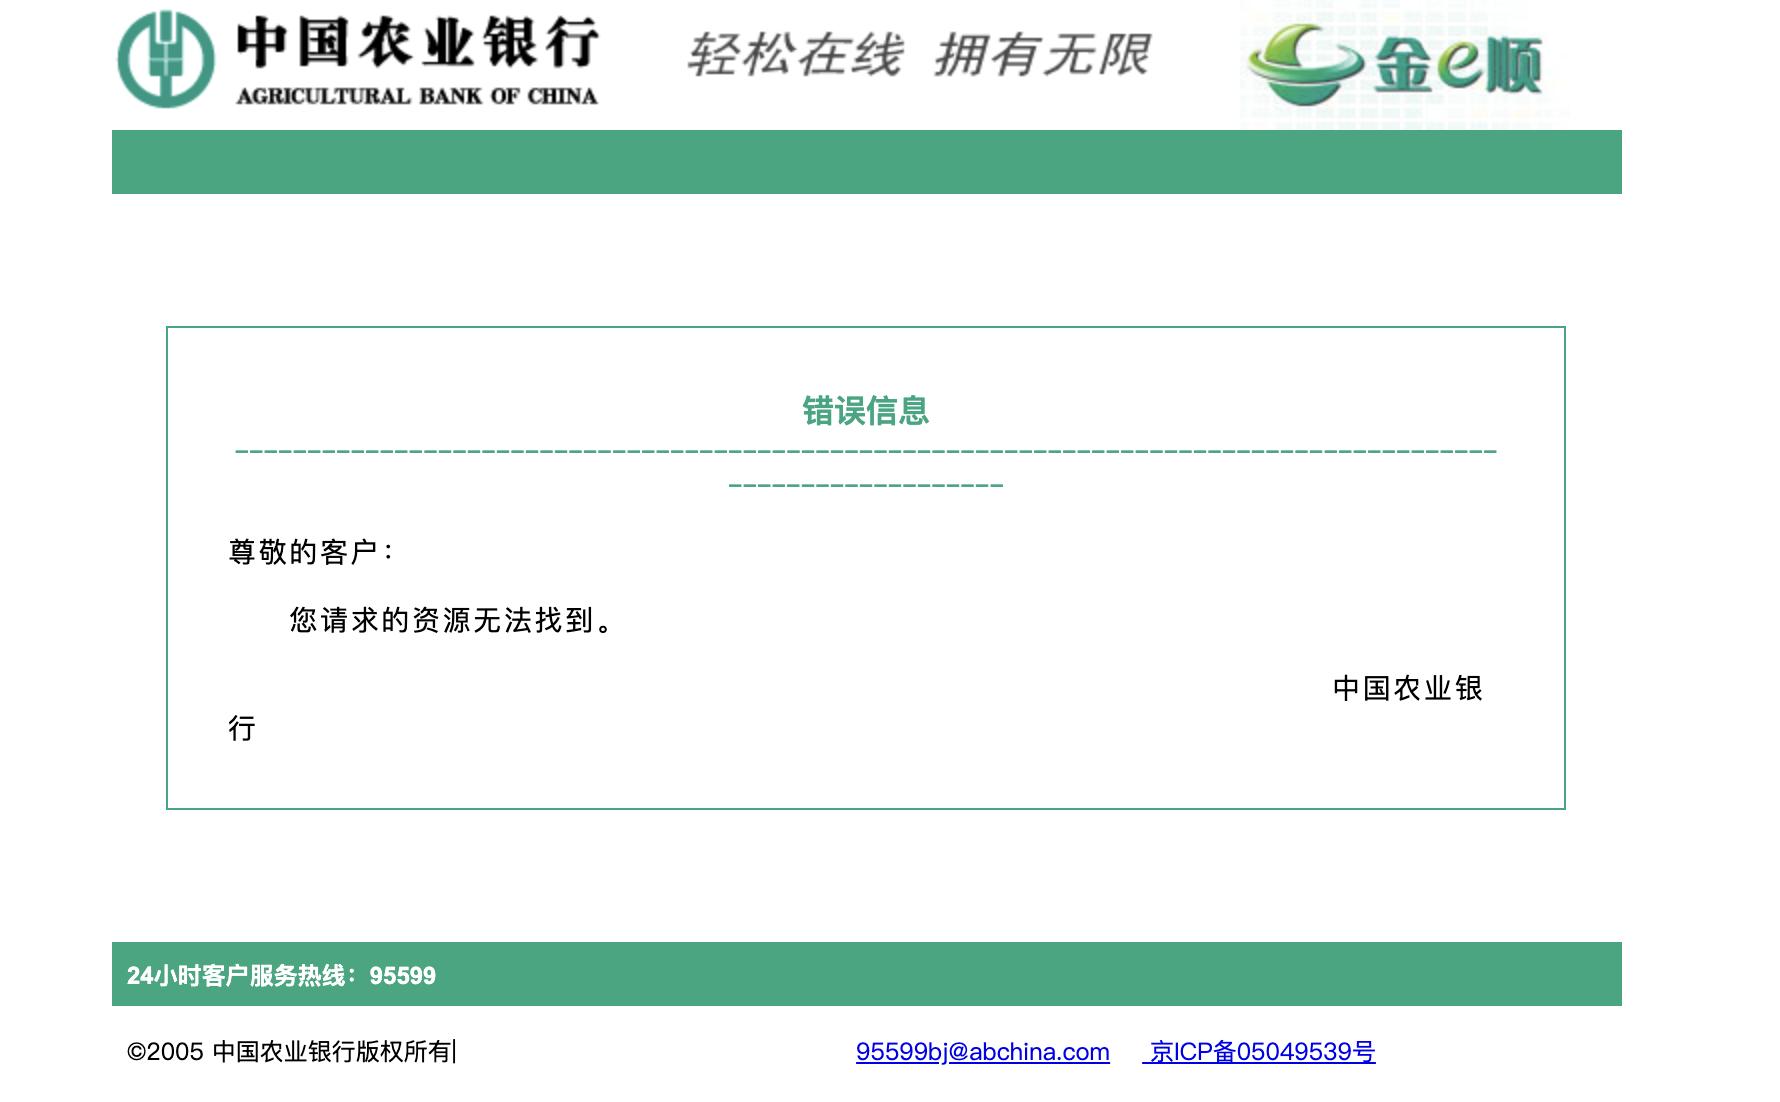 """中国农行疑似删除""""禁止使用该行服务用于比特币等虚拟货币交易""""的公告"""